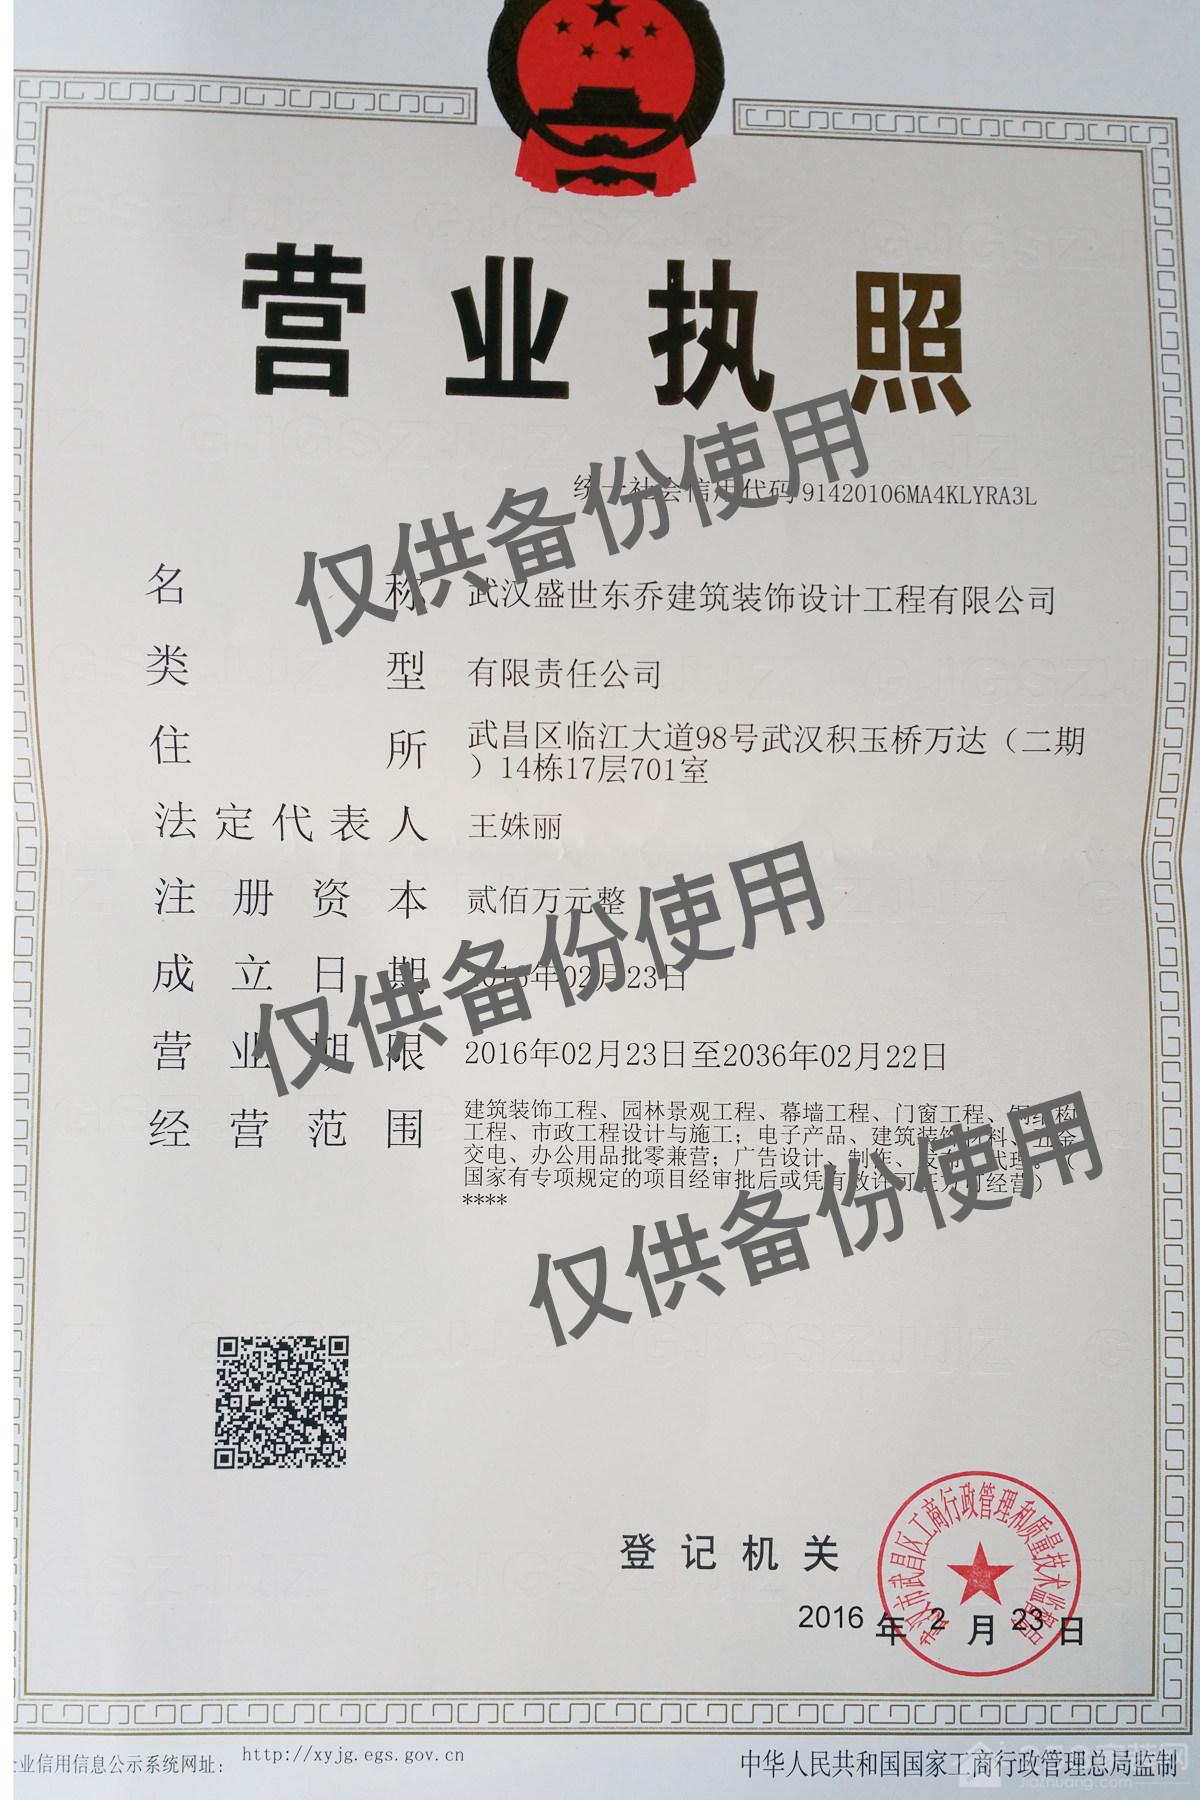 武汉金松鼠建筑设计工程有限公司